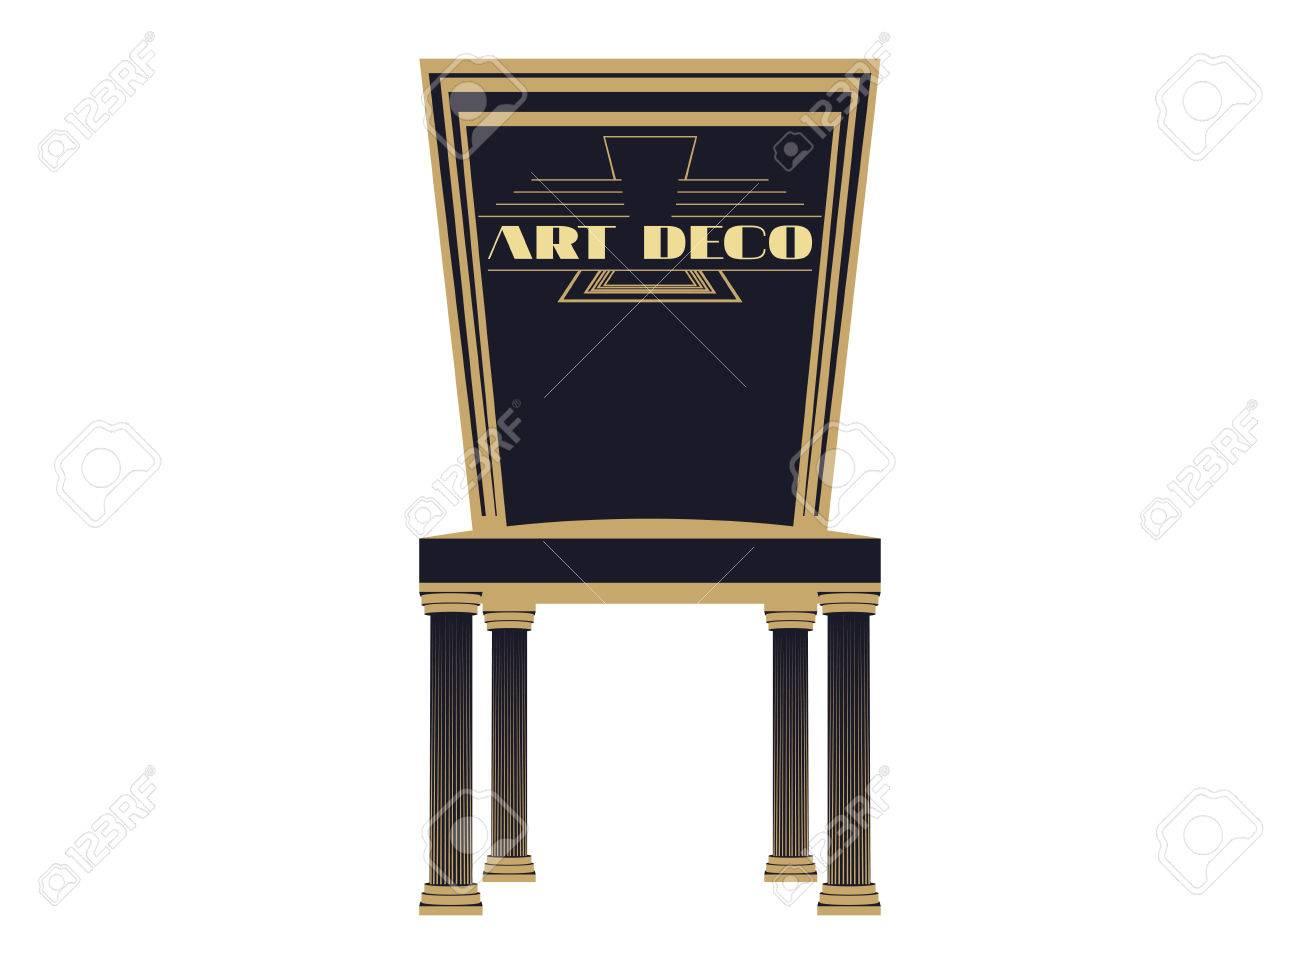 Art Deco Fauteuil.Chaise Art Deco Chaise Vintage Fauteuil Vue De Face Gros Plan Fauteuil Isole Sur Un Fond Blanc